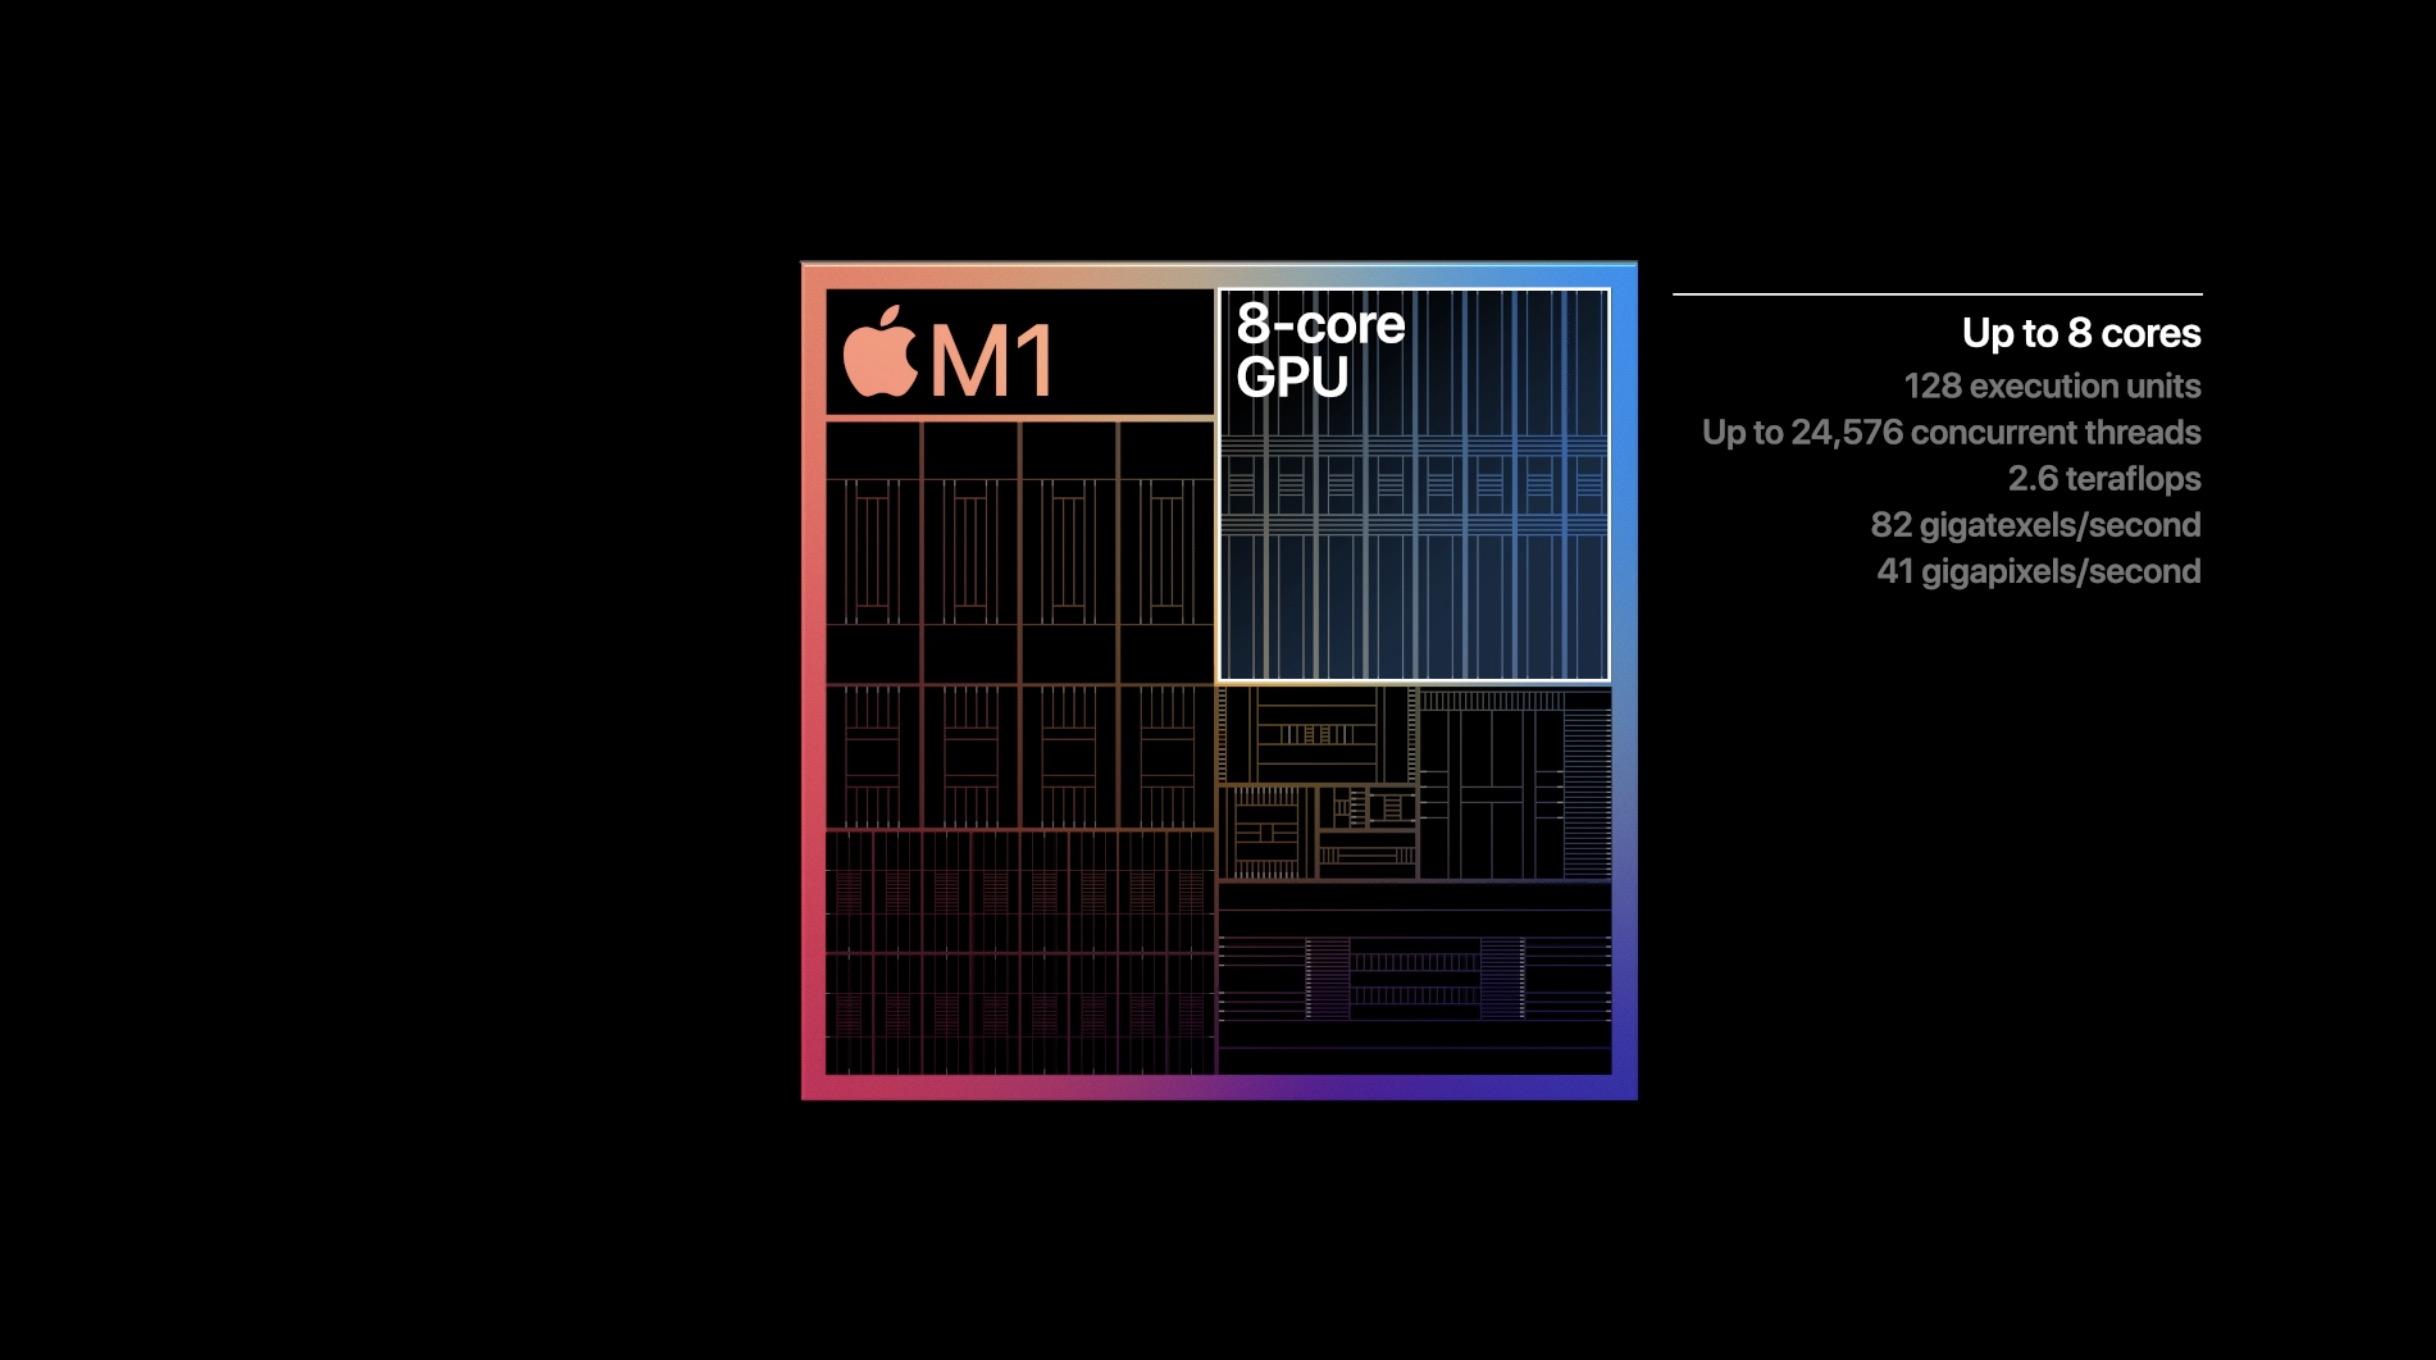 Apple M1 GPU